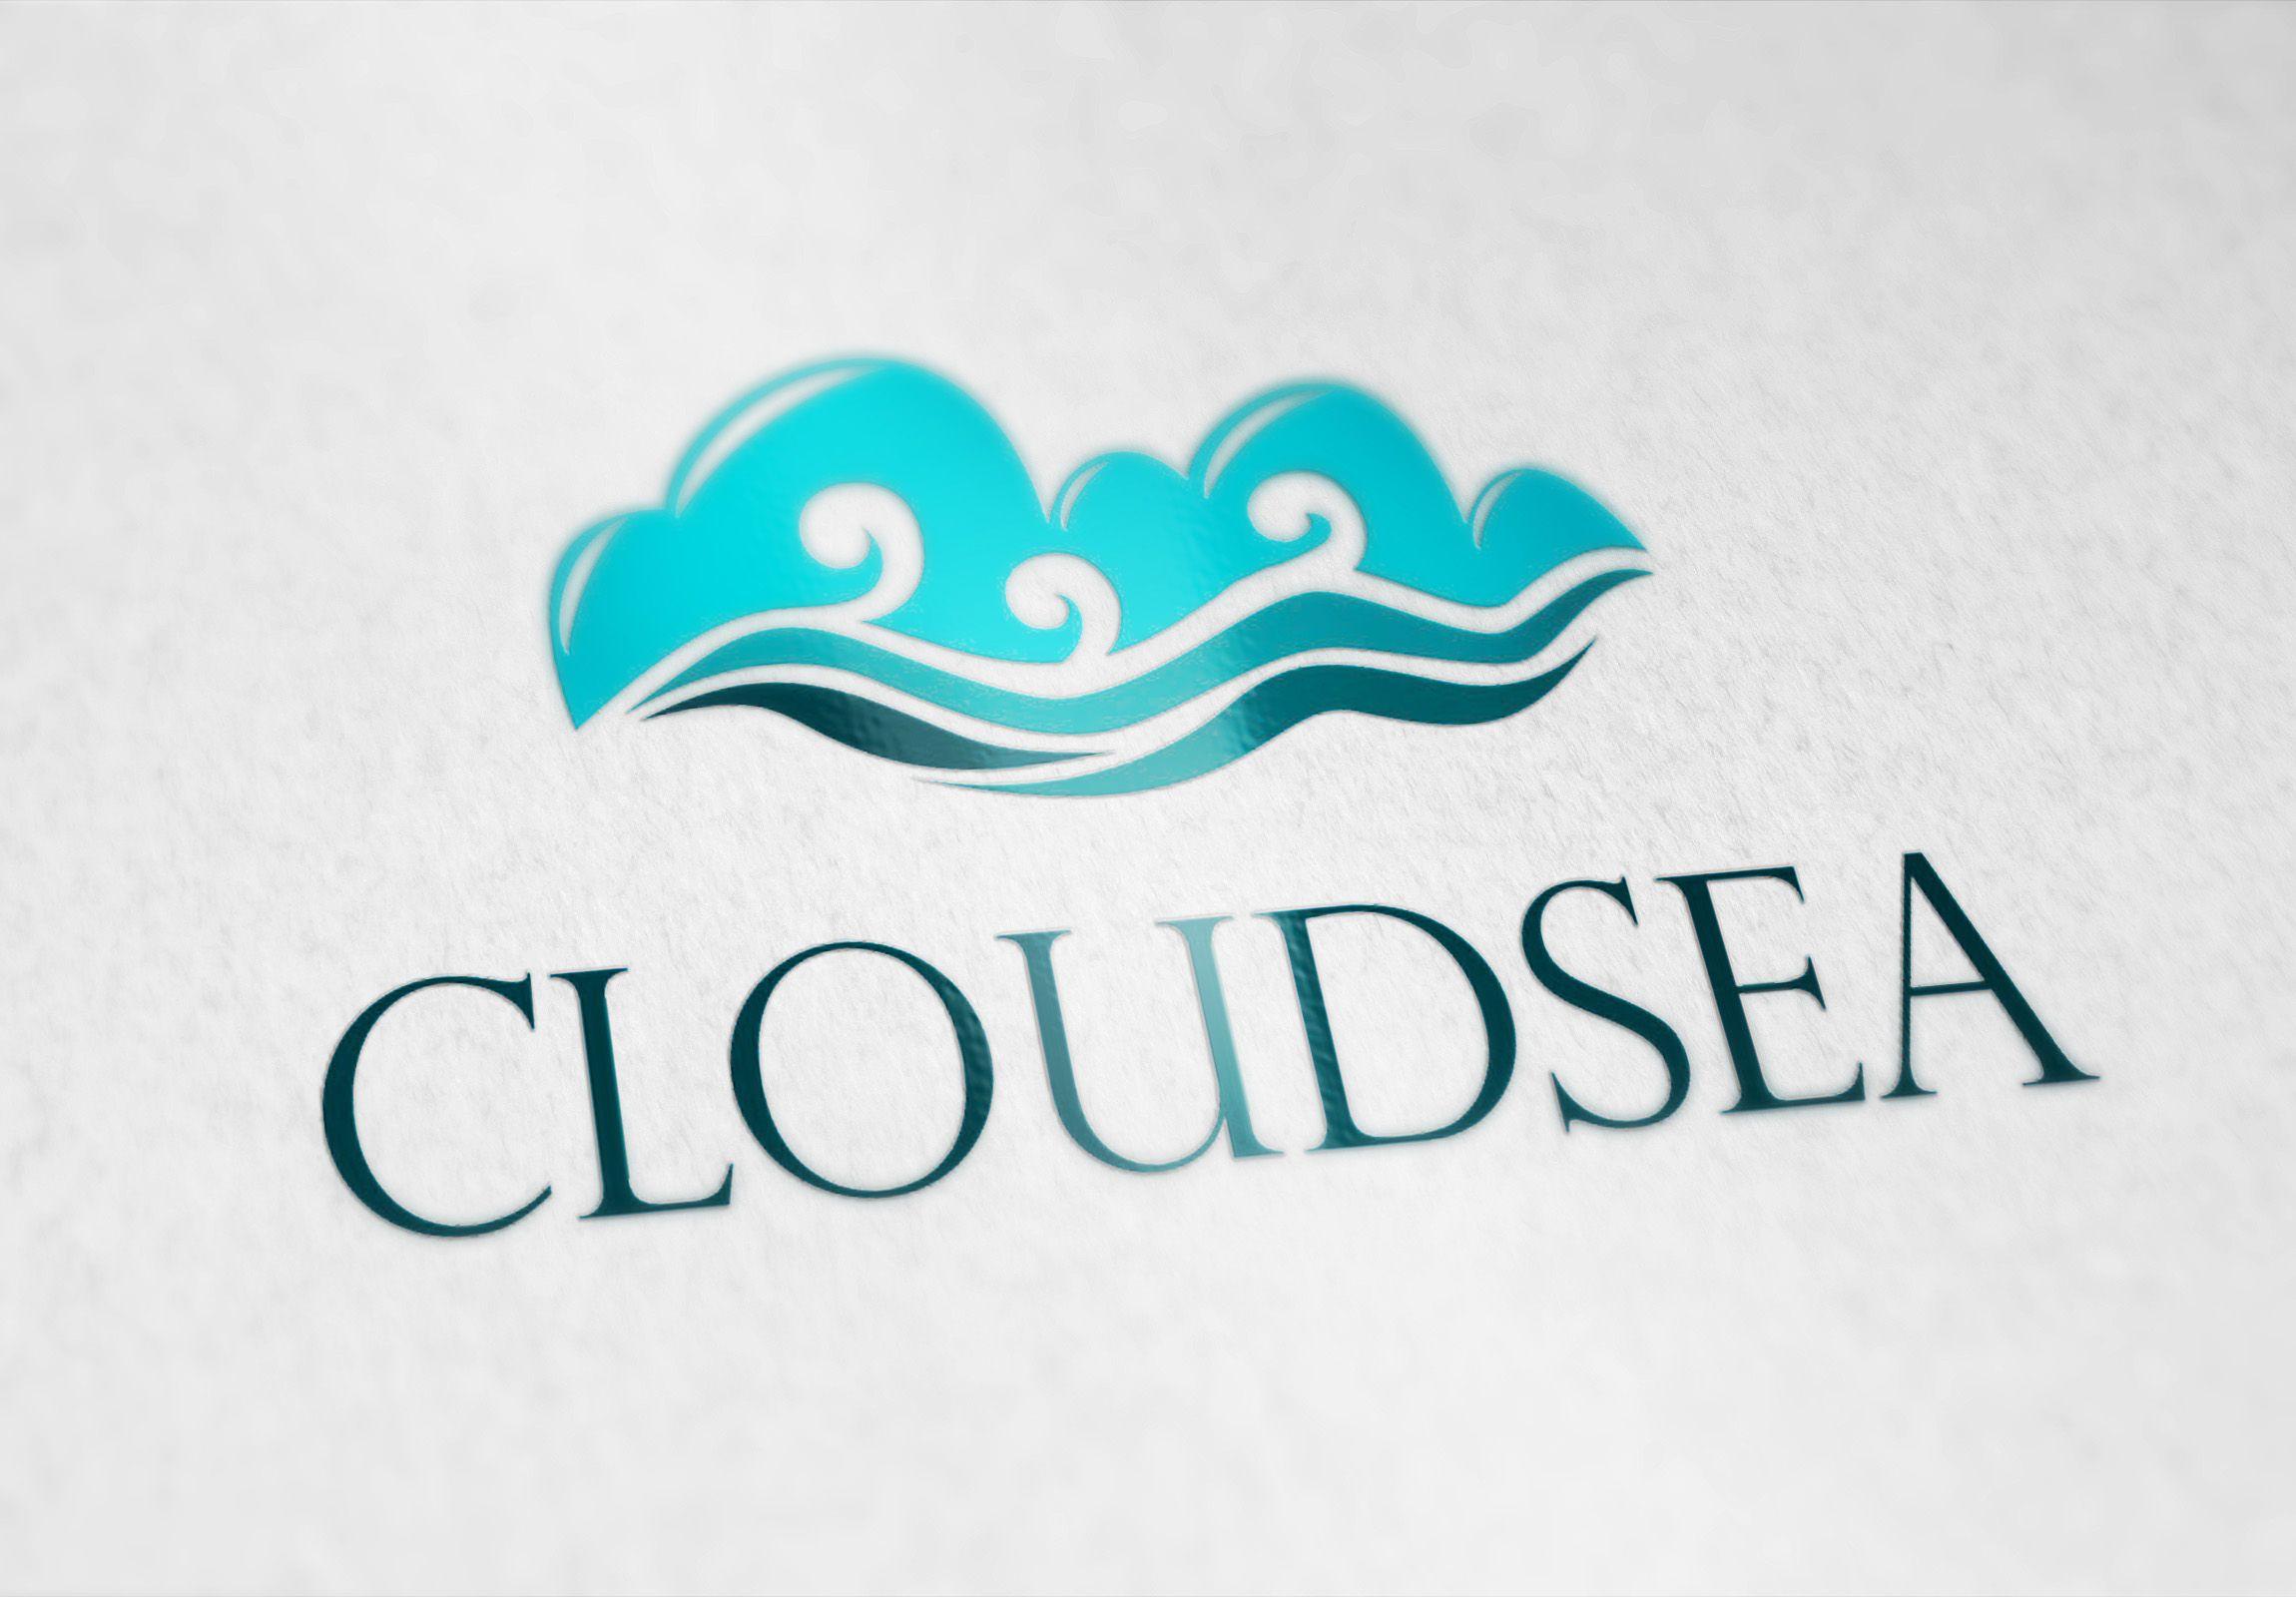 CLOUDSEA LOGO TataWarna Logo Desain logo dan Desain